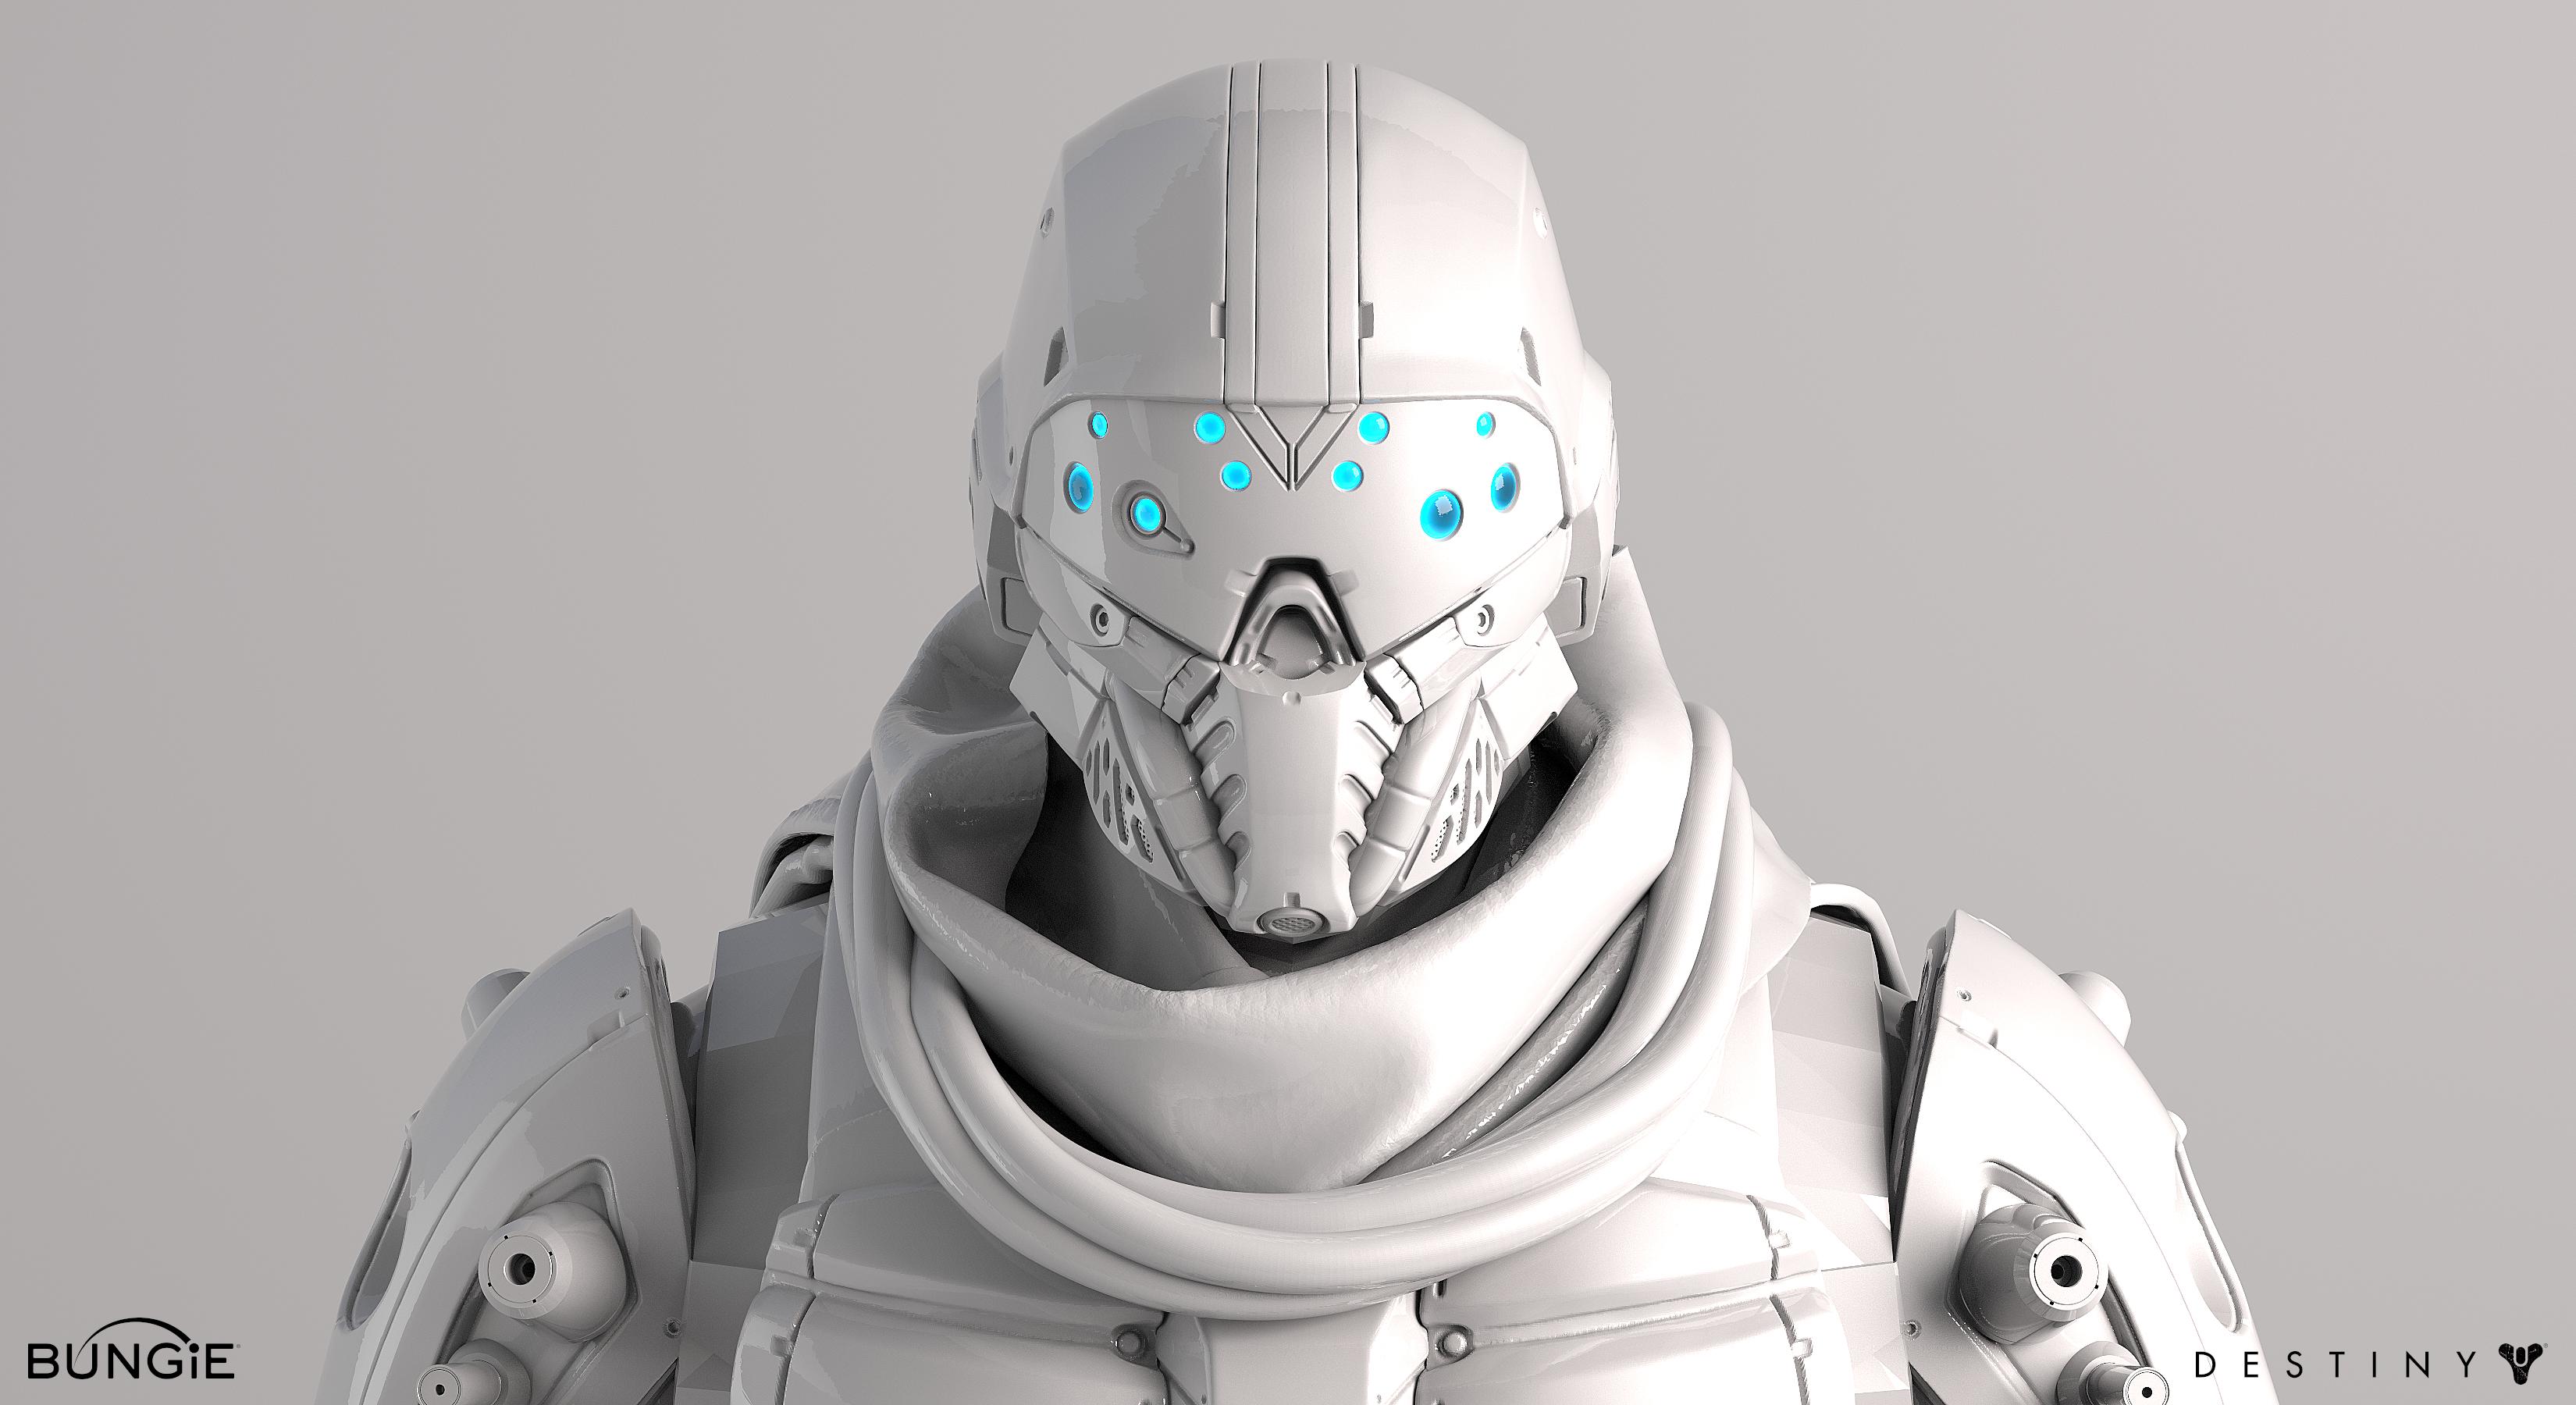 Destiny Argus Front Face White by MikeJensen on DeviantArt